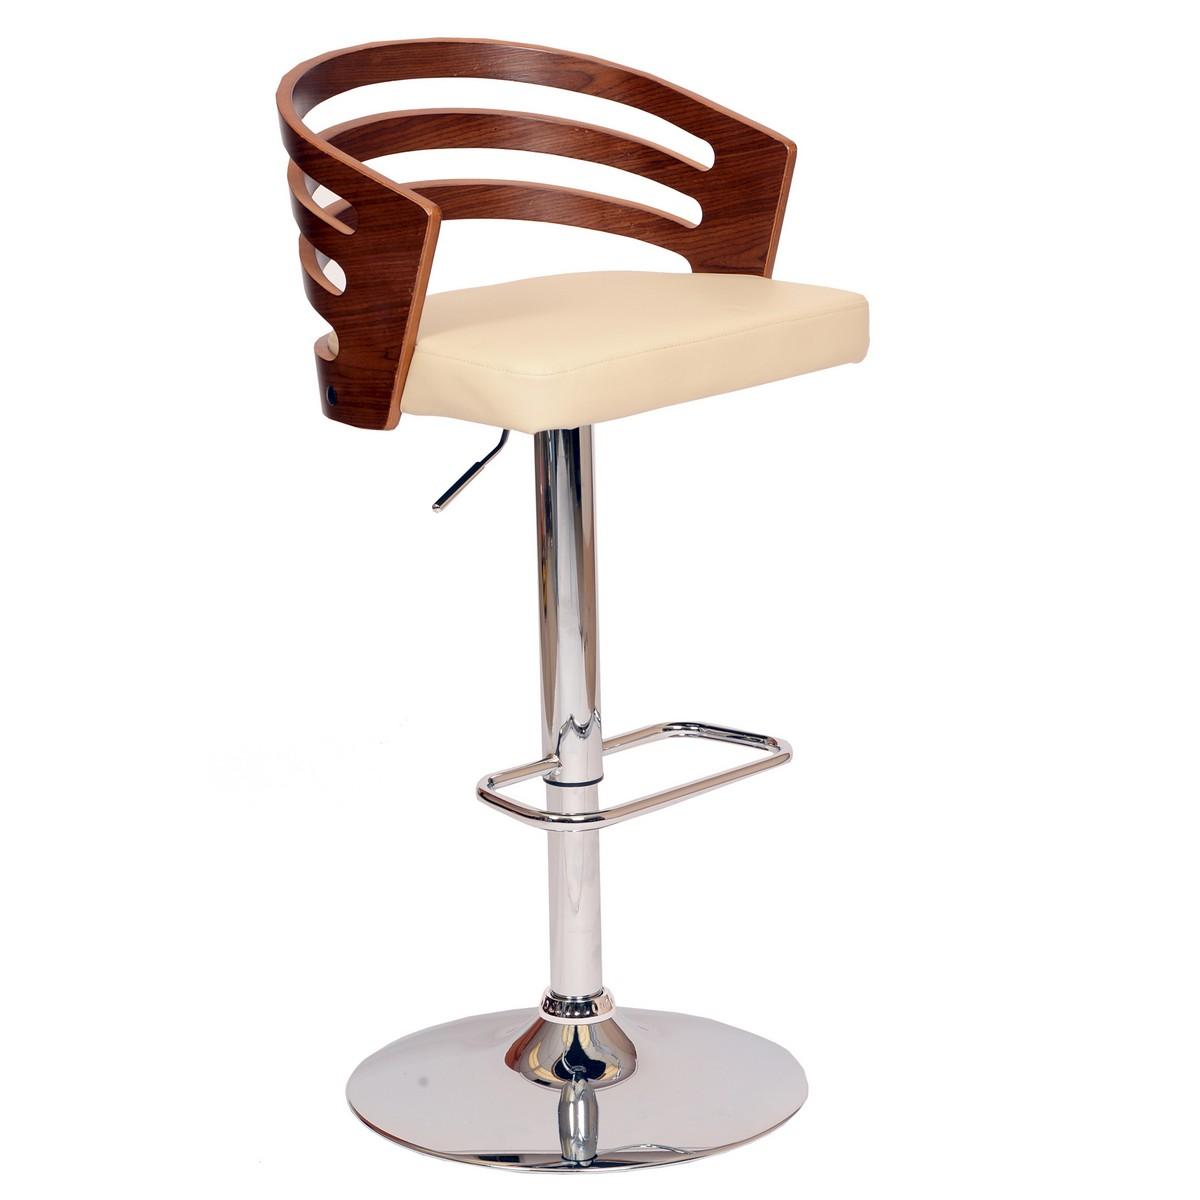 Armen Living Adele Swivel Barstool In Cream Leatherette/ Walnut Veneer and Chrome Base